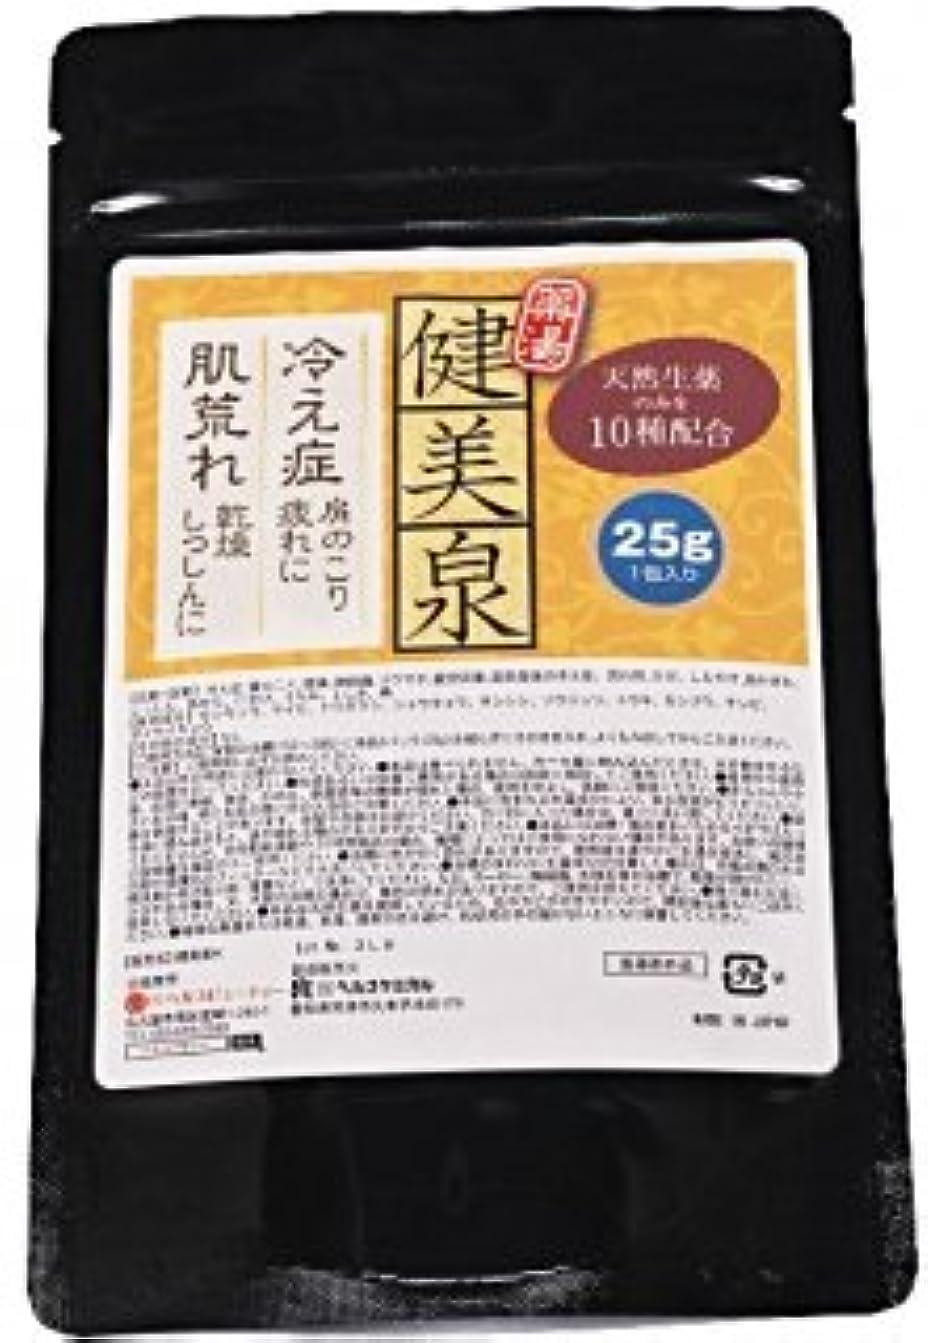 パース五サイドボード健美泉 1回分 刻み 生薬 薬湯 分包 タイプ 天然生薬 の 香り 医薬部外品